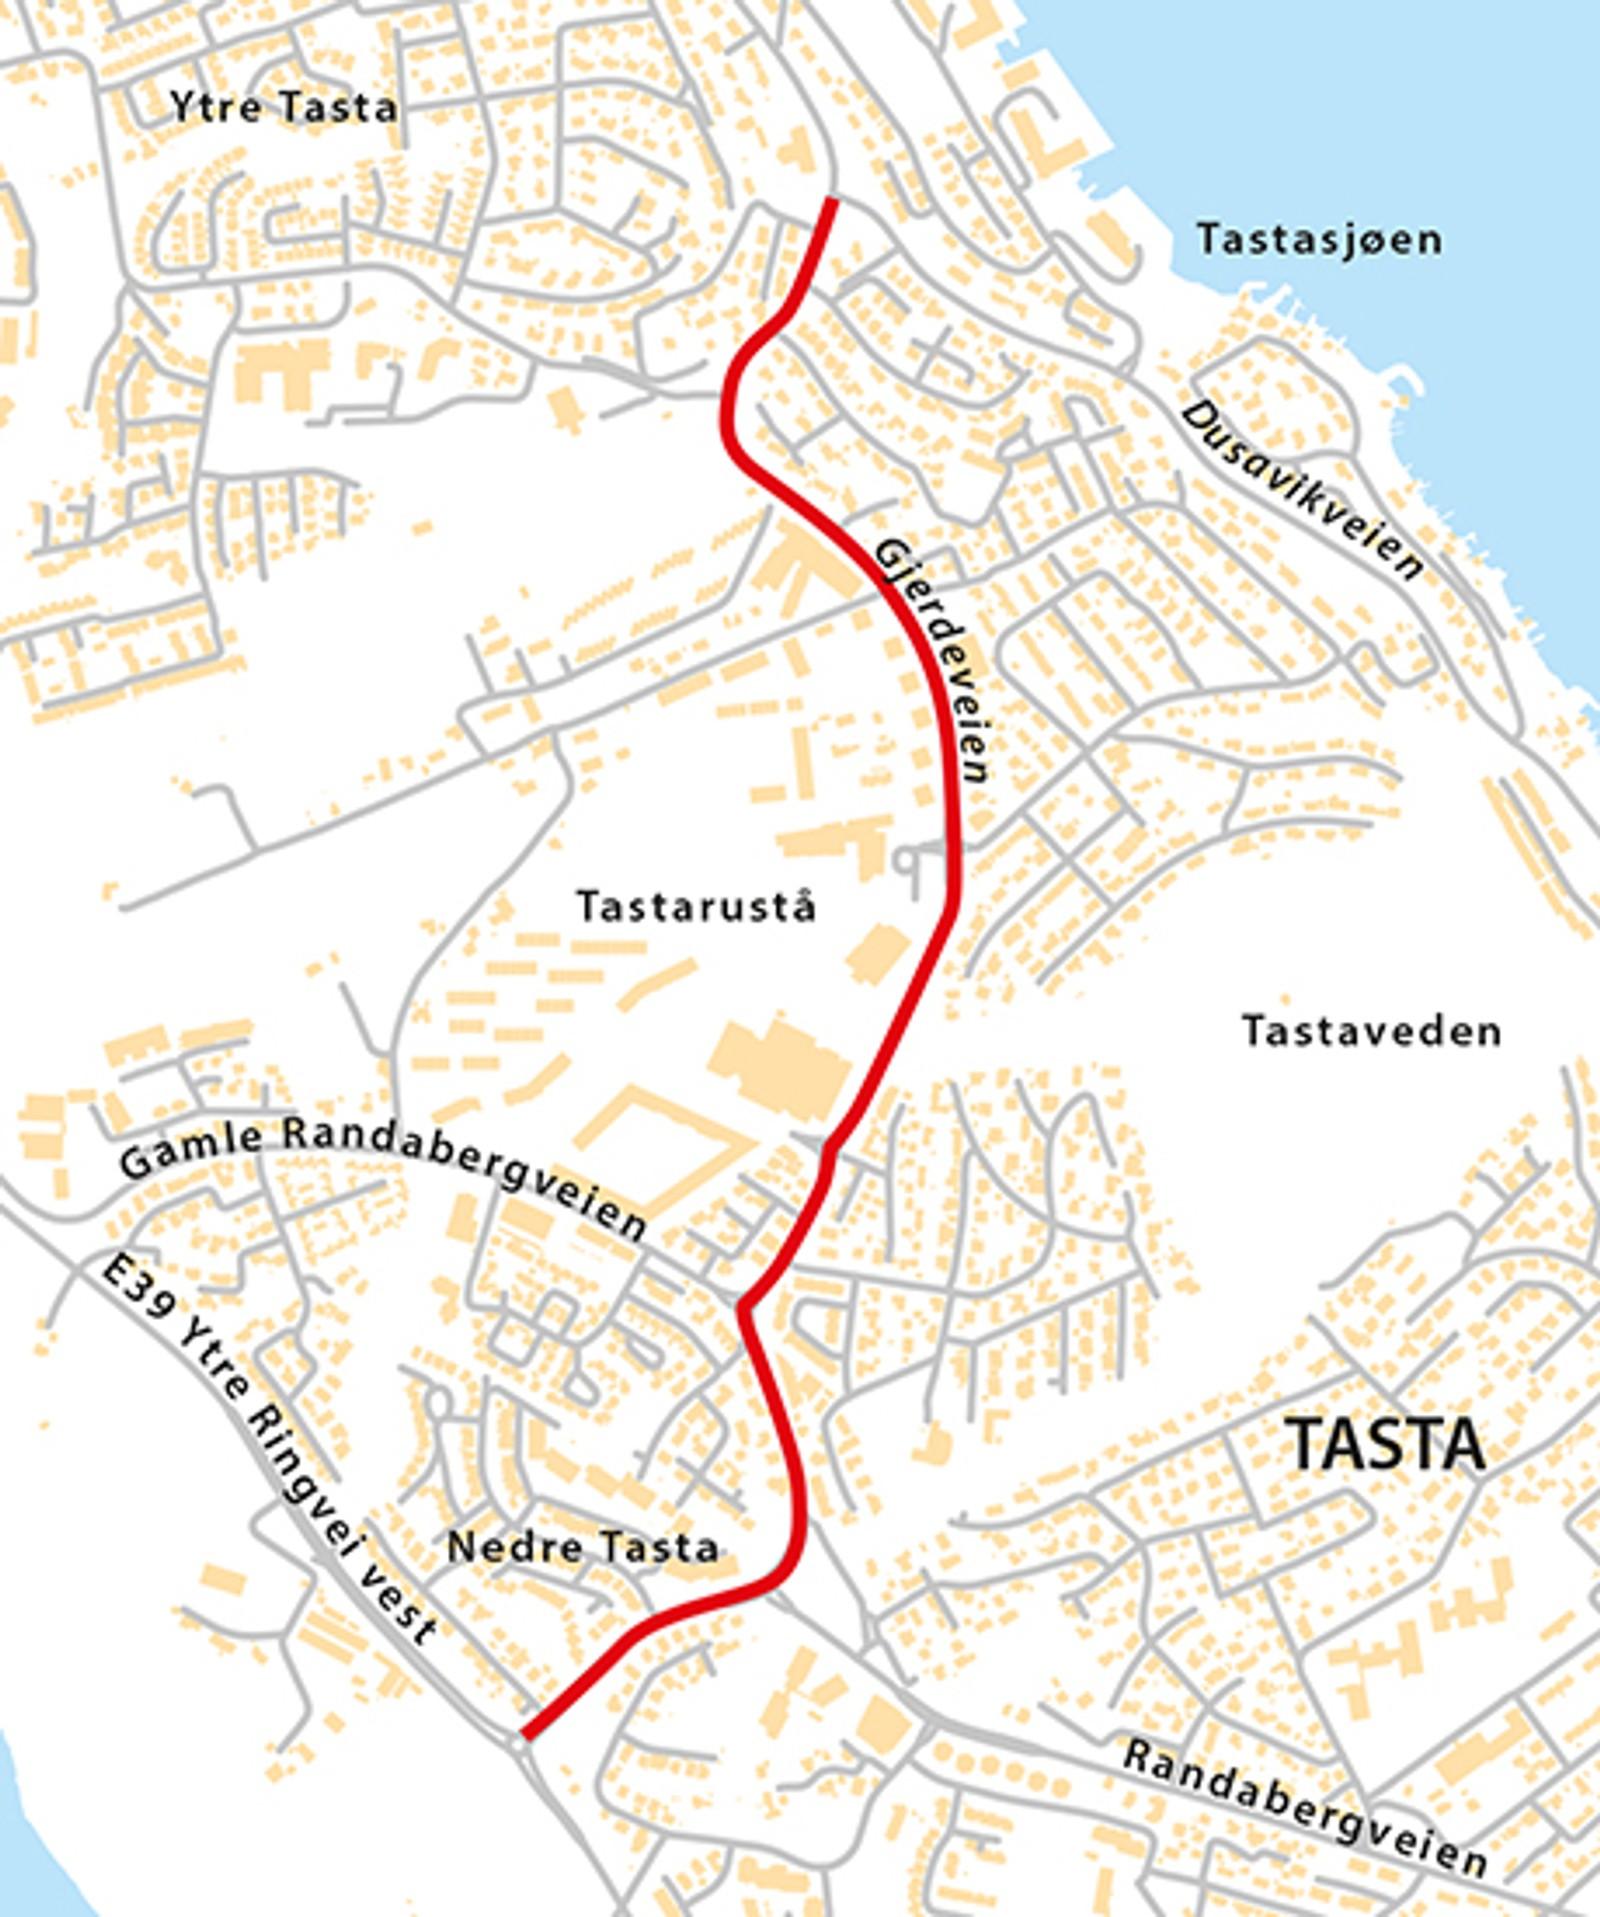 Randabergveien, Gjerdeveien, Gabbroveien (Fv412), natt til tirsdag 12. mai eller natt til onsdag 13. mai.